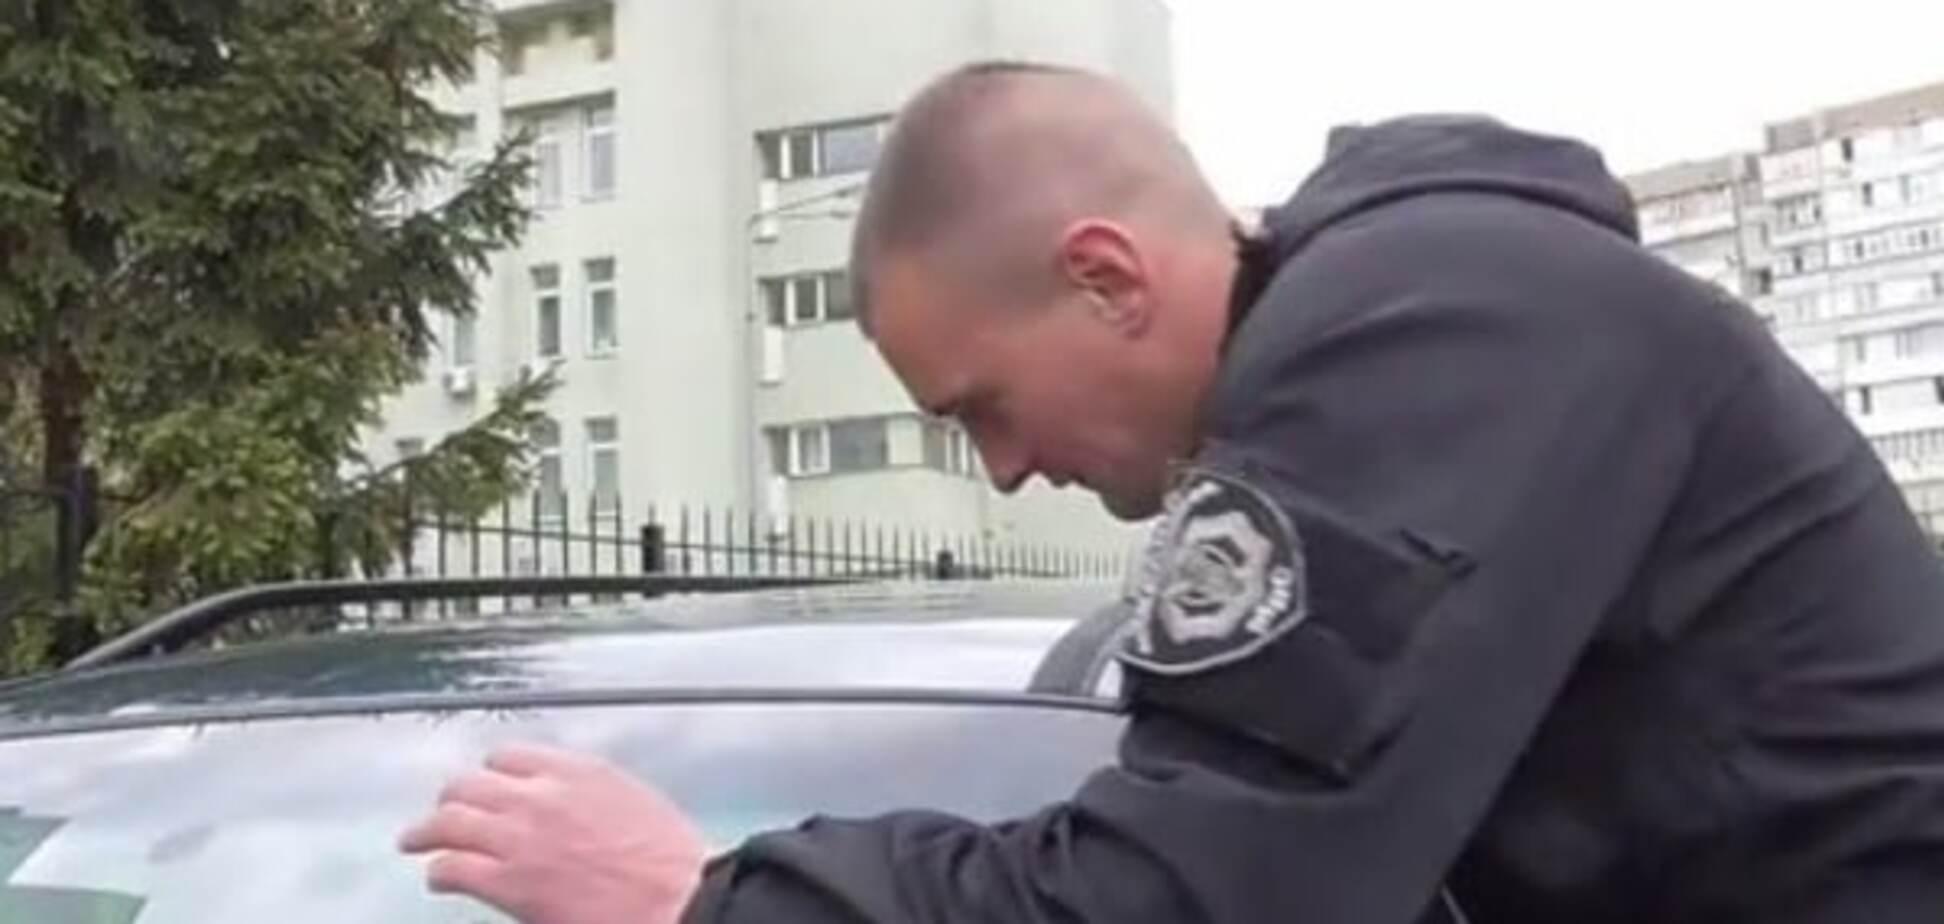 Співробітника поліції, який їздив Києвом із сепаратистською символікою, звільнили: його очікує перевірка в СБУ